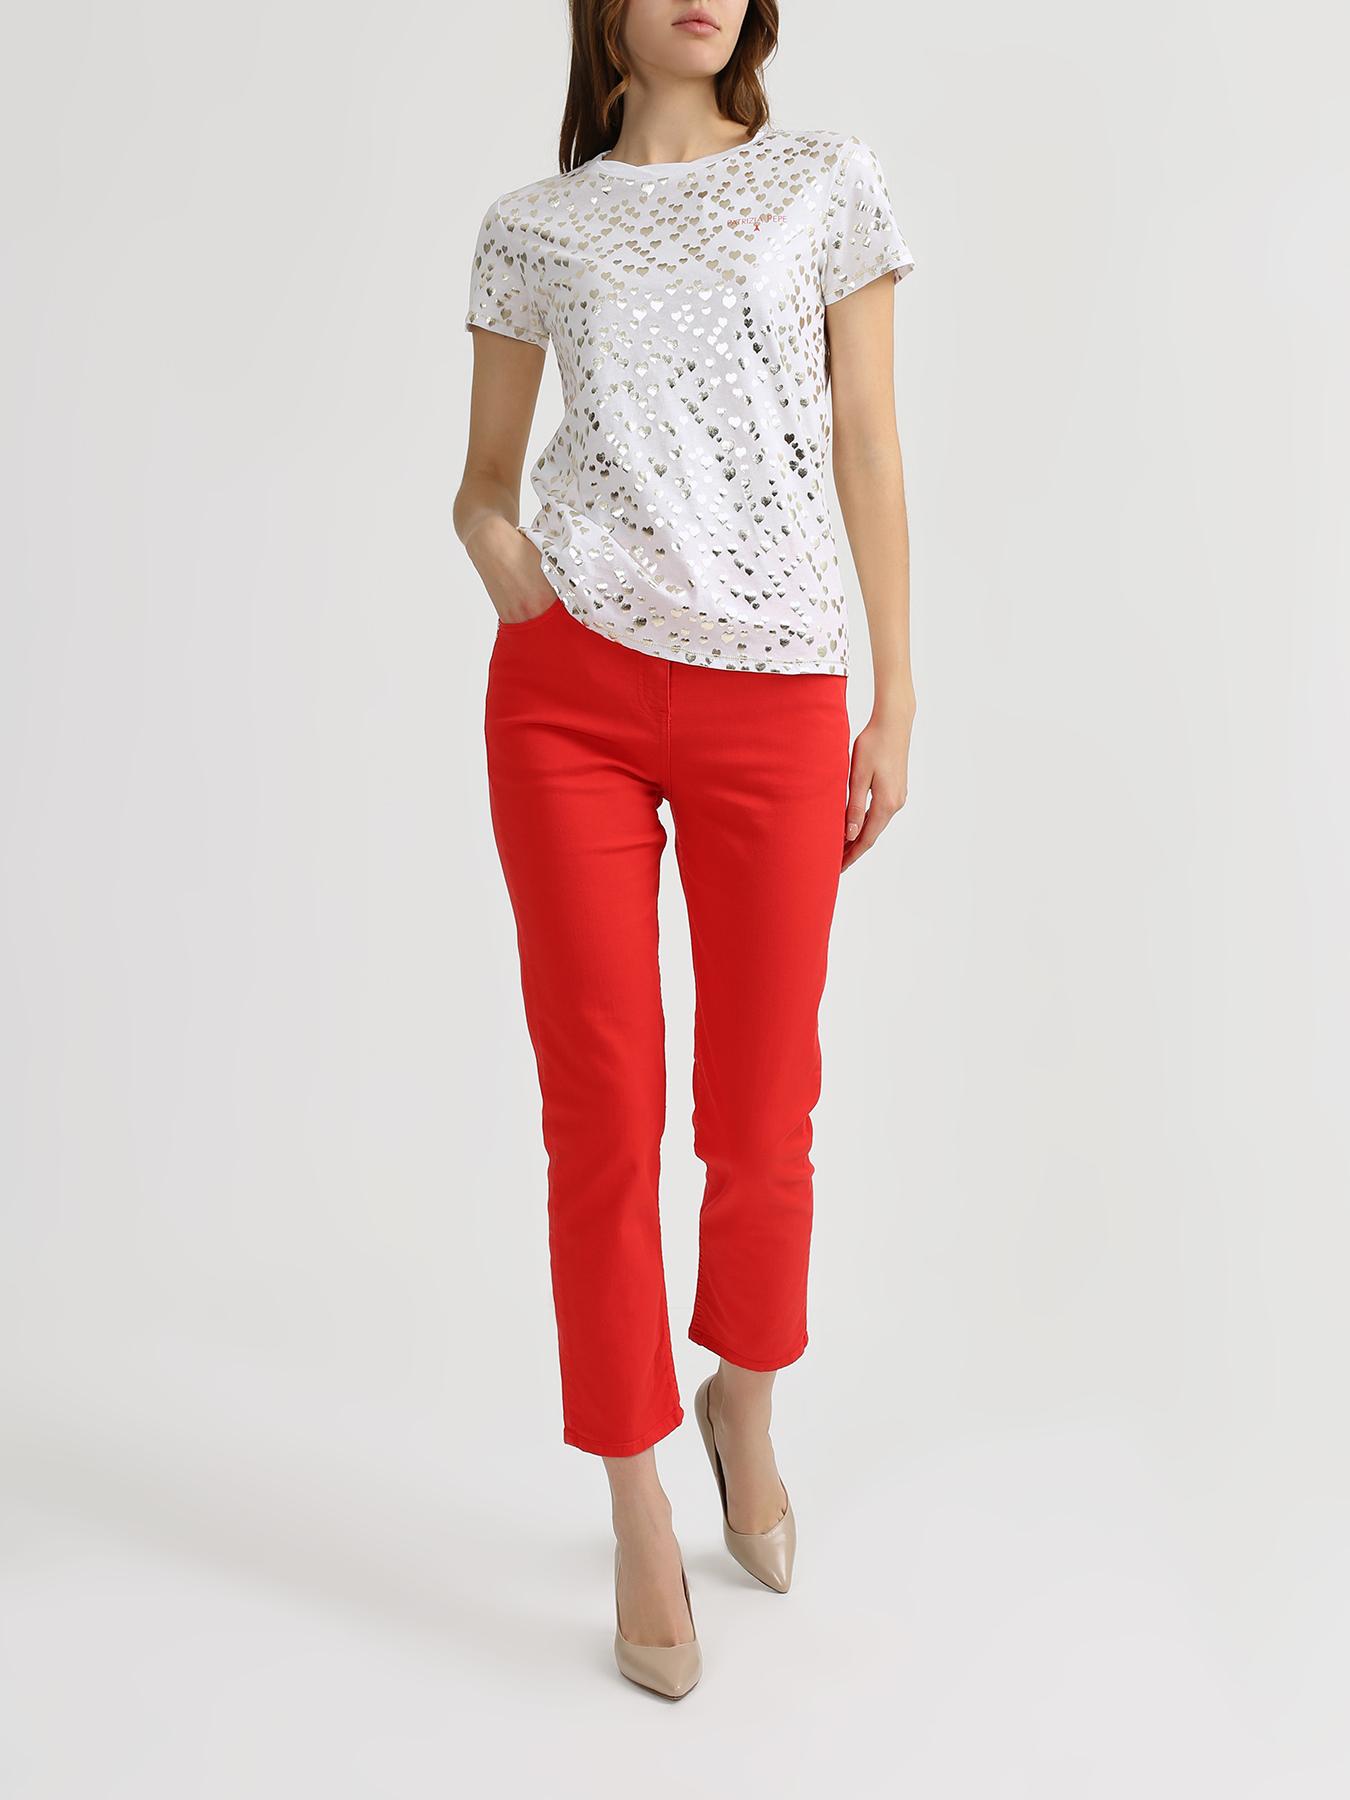 Брюки Patrizia Pepe Укороченные джинсы джинсы lime укороченные джинсы